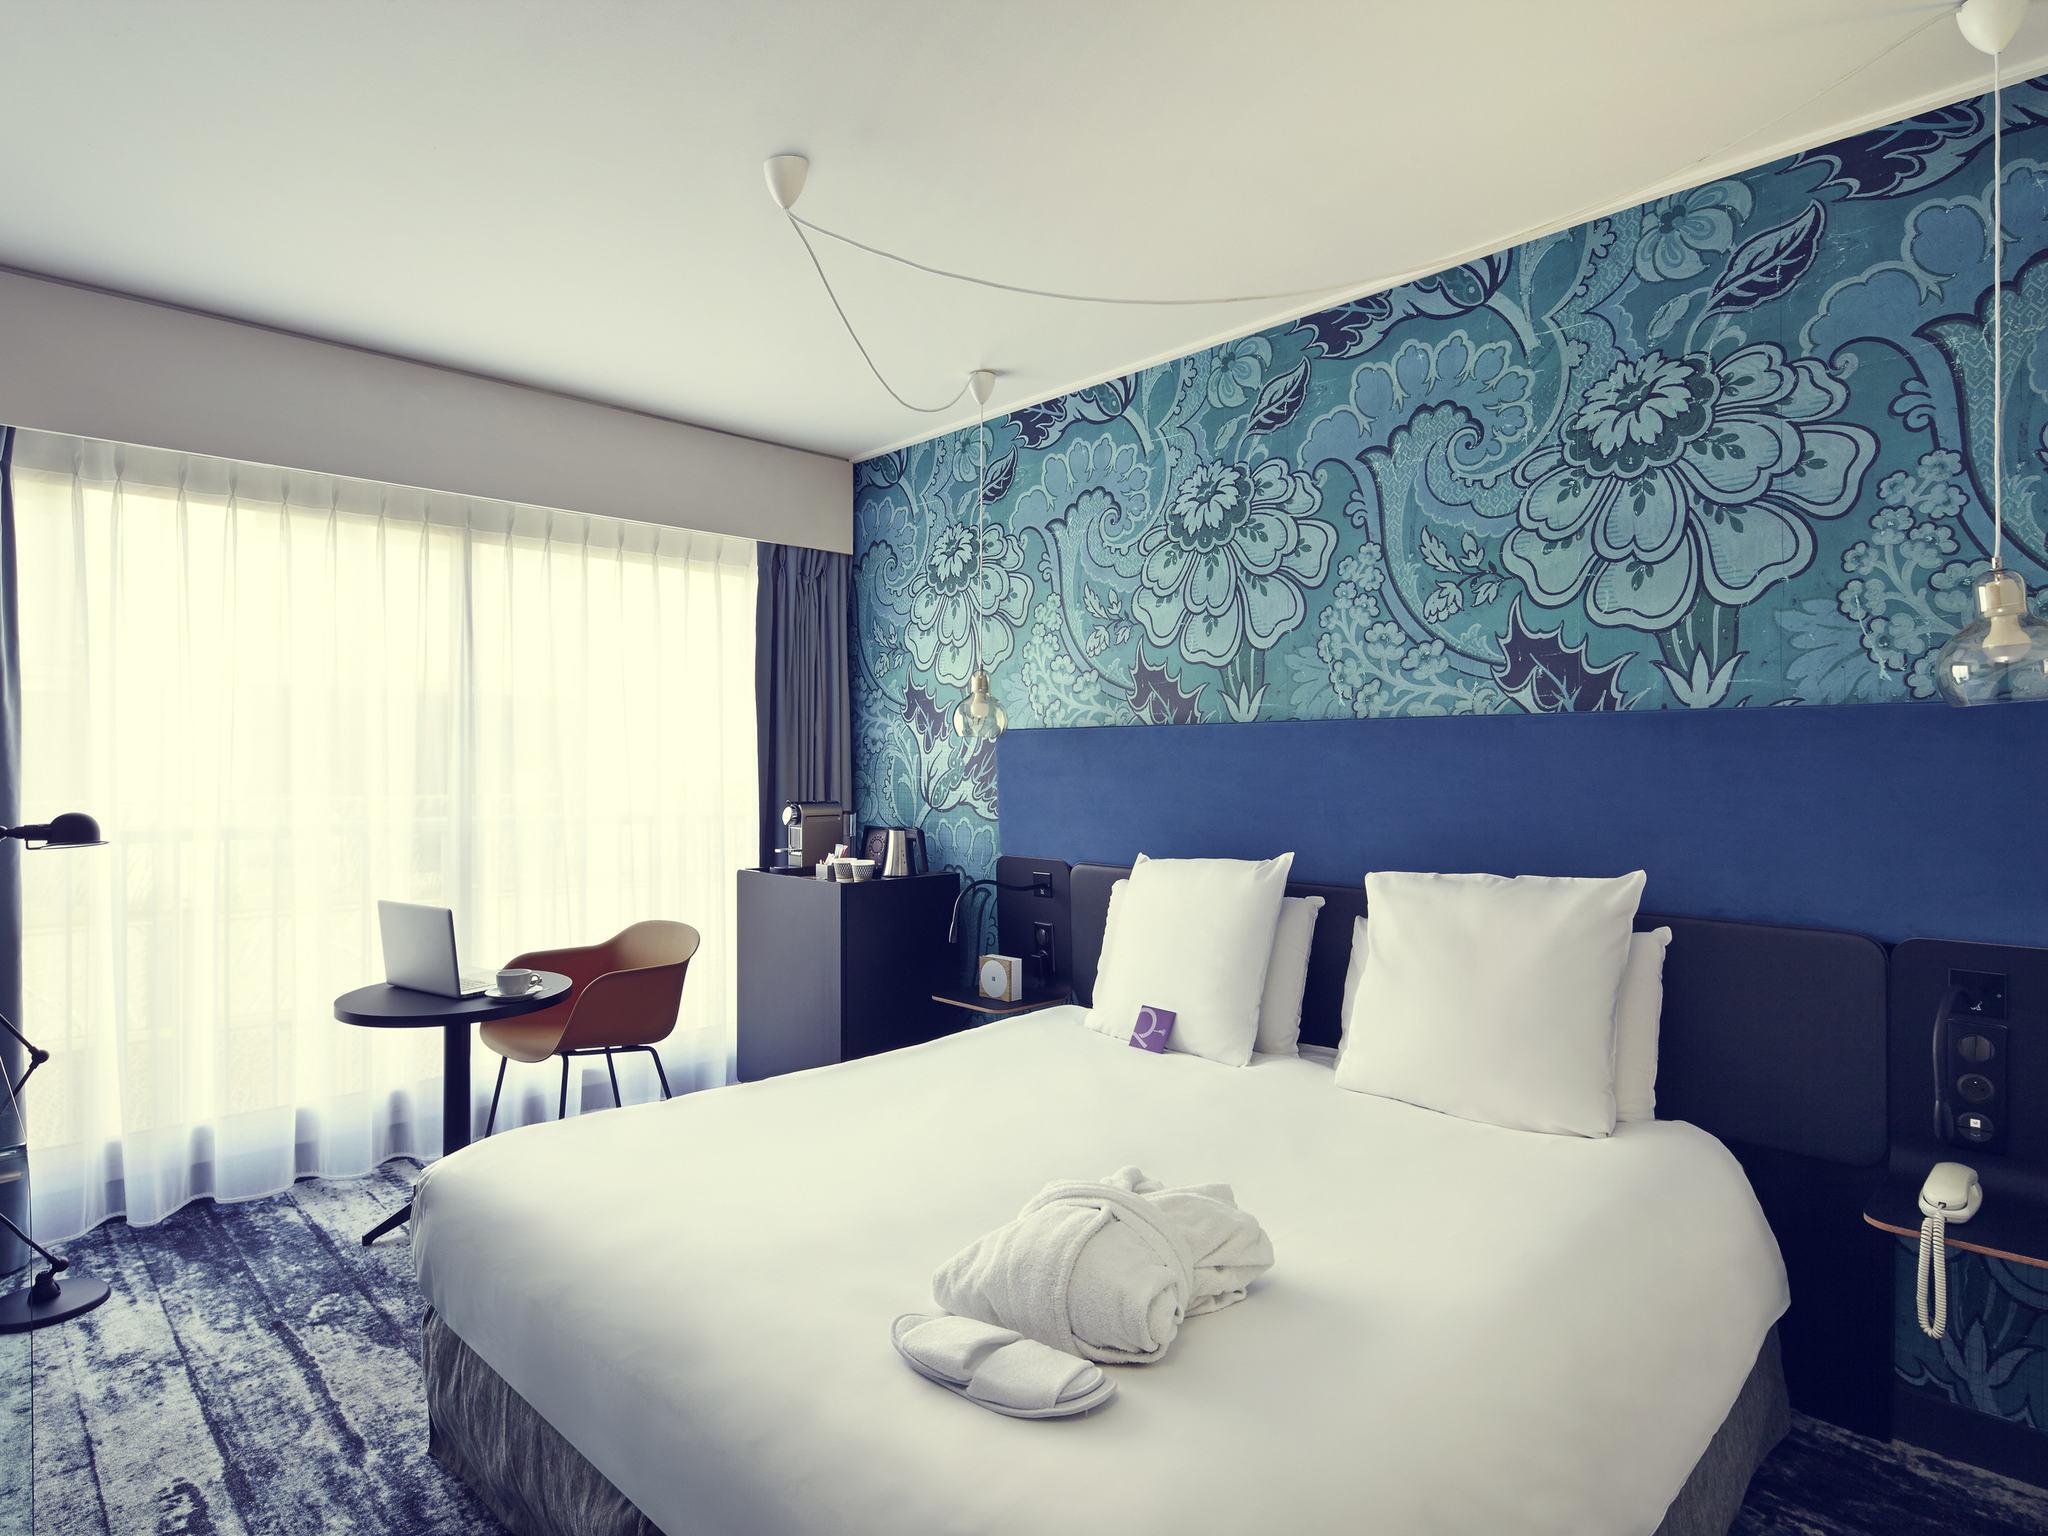 โรงแรม – โรงแรมเมอรืเคียว ปารีส บาสติล แซงต์ อองตวน